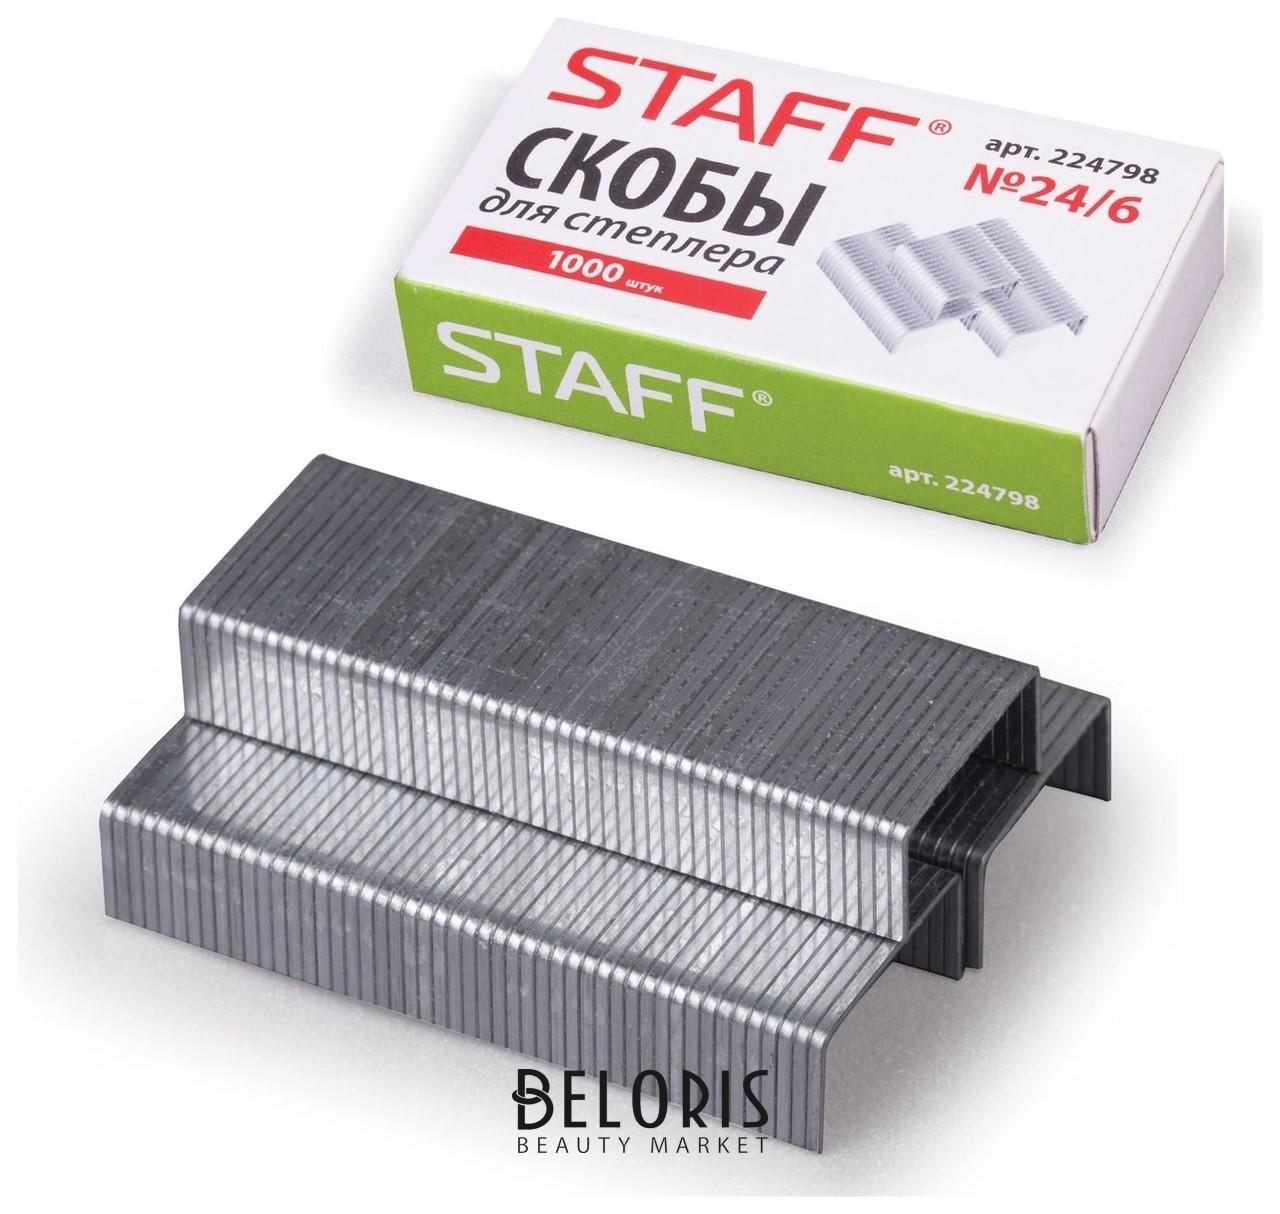 Скобы для степлера №24/6, 1000 штук, Staff, до 30 листов Staff